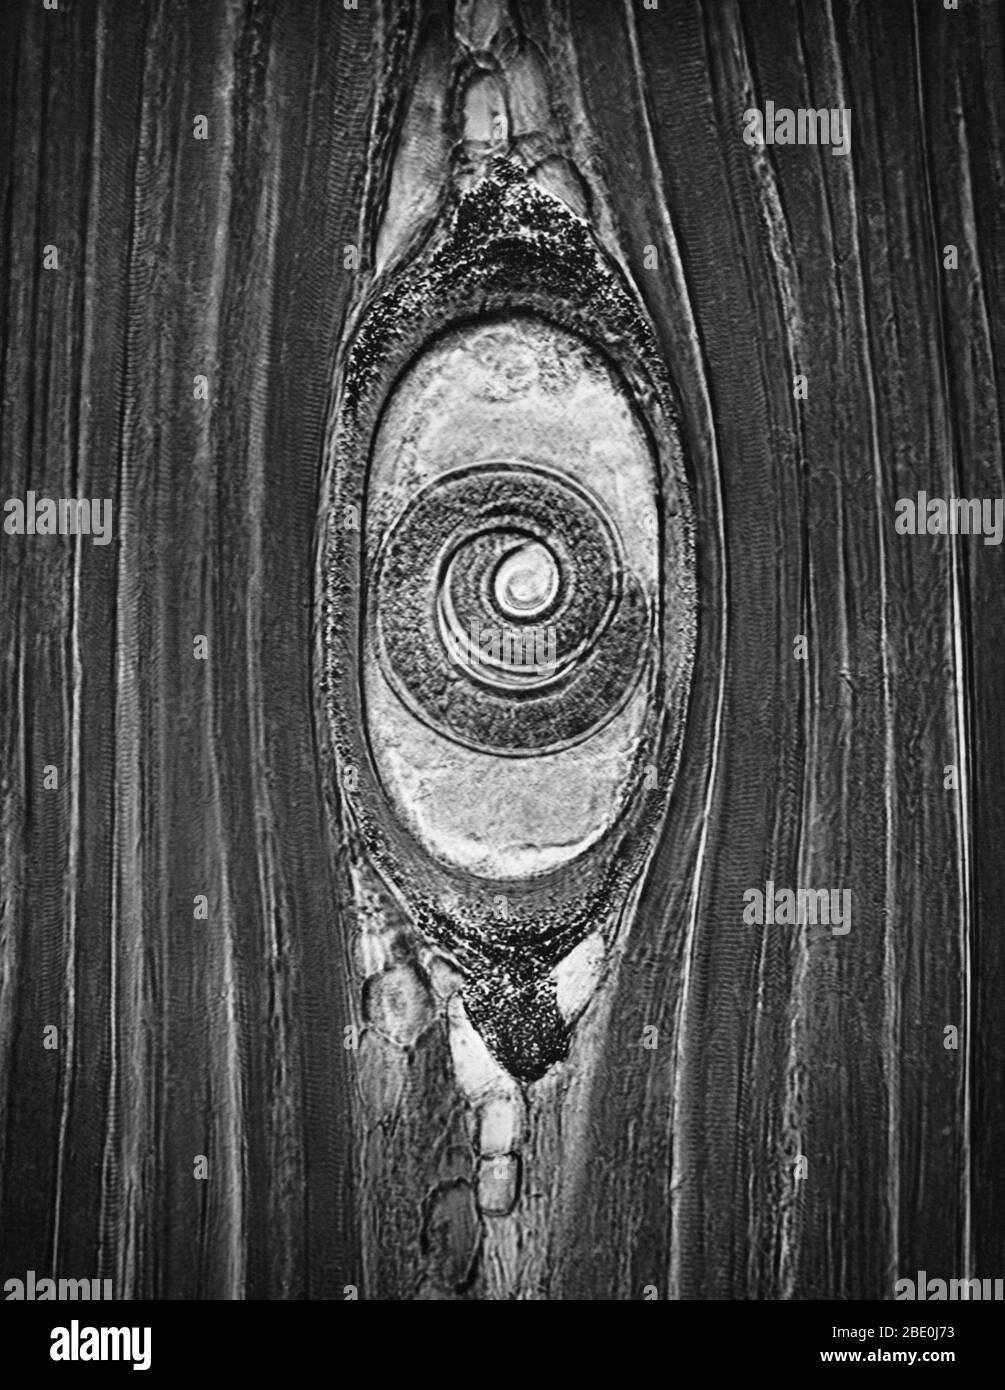 Micrografo ligero de músculo con Trichinella spiralis encisted, un parásito nematodo responsable de la enfermedad trichinosis. Ampliación: 300X. Foto de stock